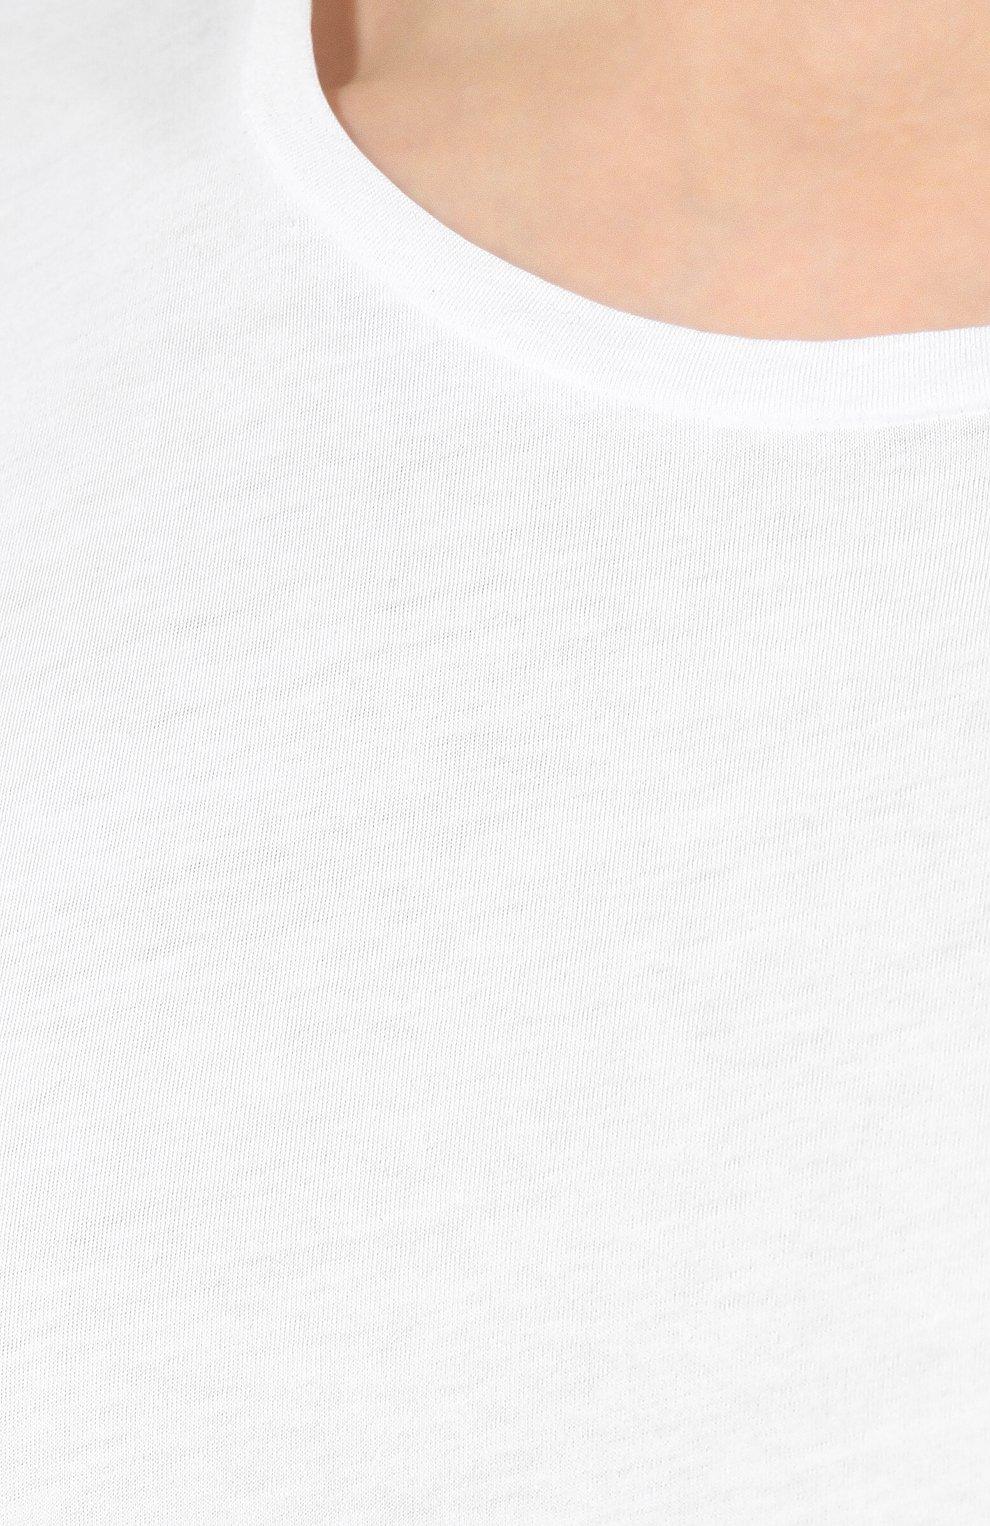 Мужская хлопковая футболка ORLEBAR BROWN белого цвета, арт. 259516 | Фото 5 (Рукава: Короткие; Длина (для топов): Стандартные; Материал внешний: Хлопок; Мужское Кросс-КТ: Футболка-белье)